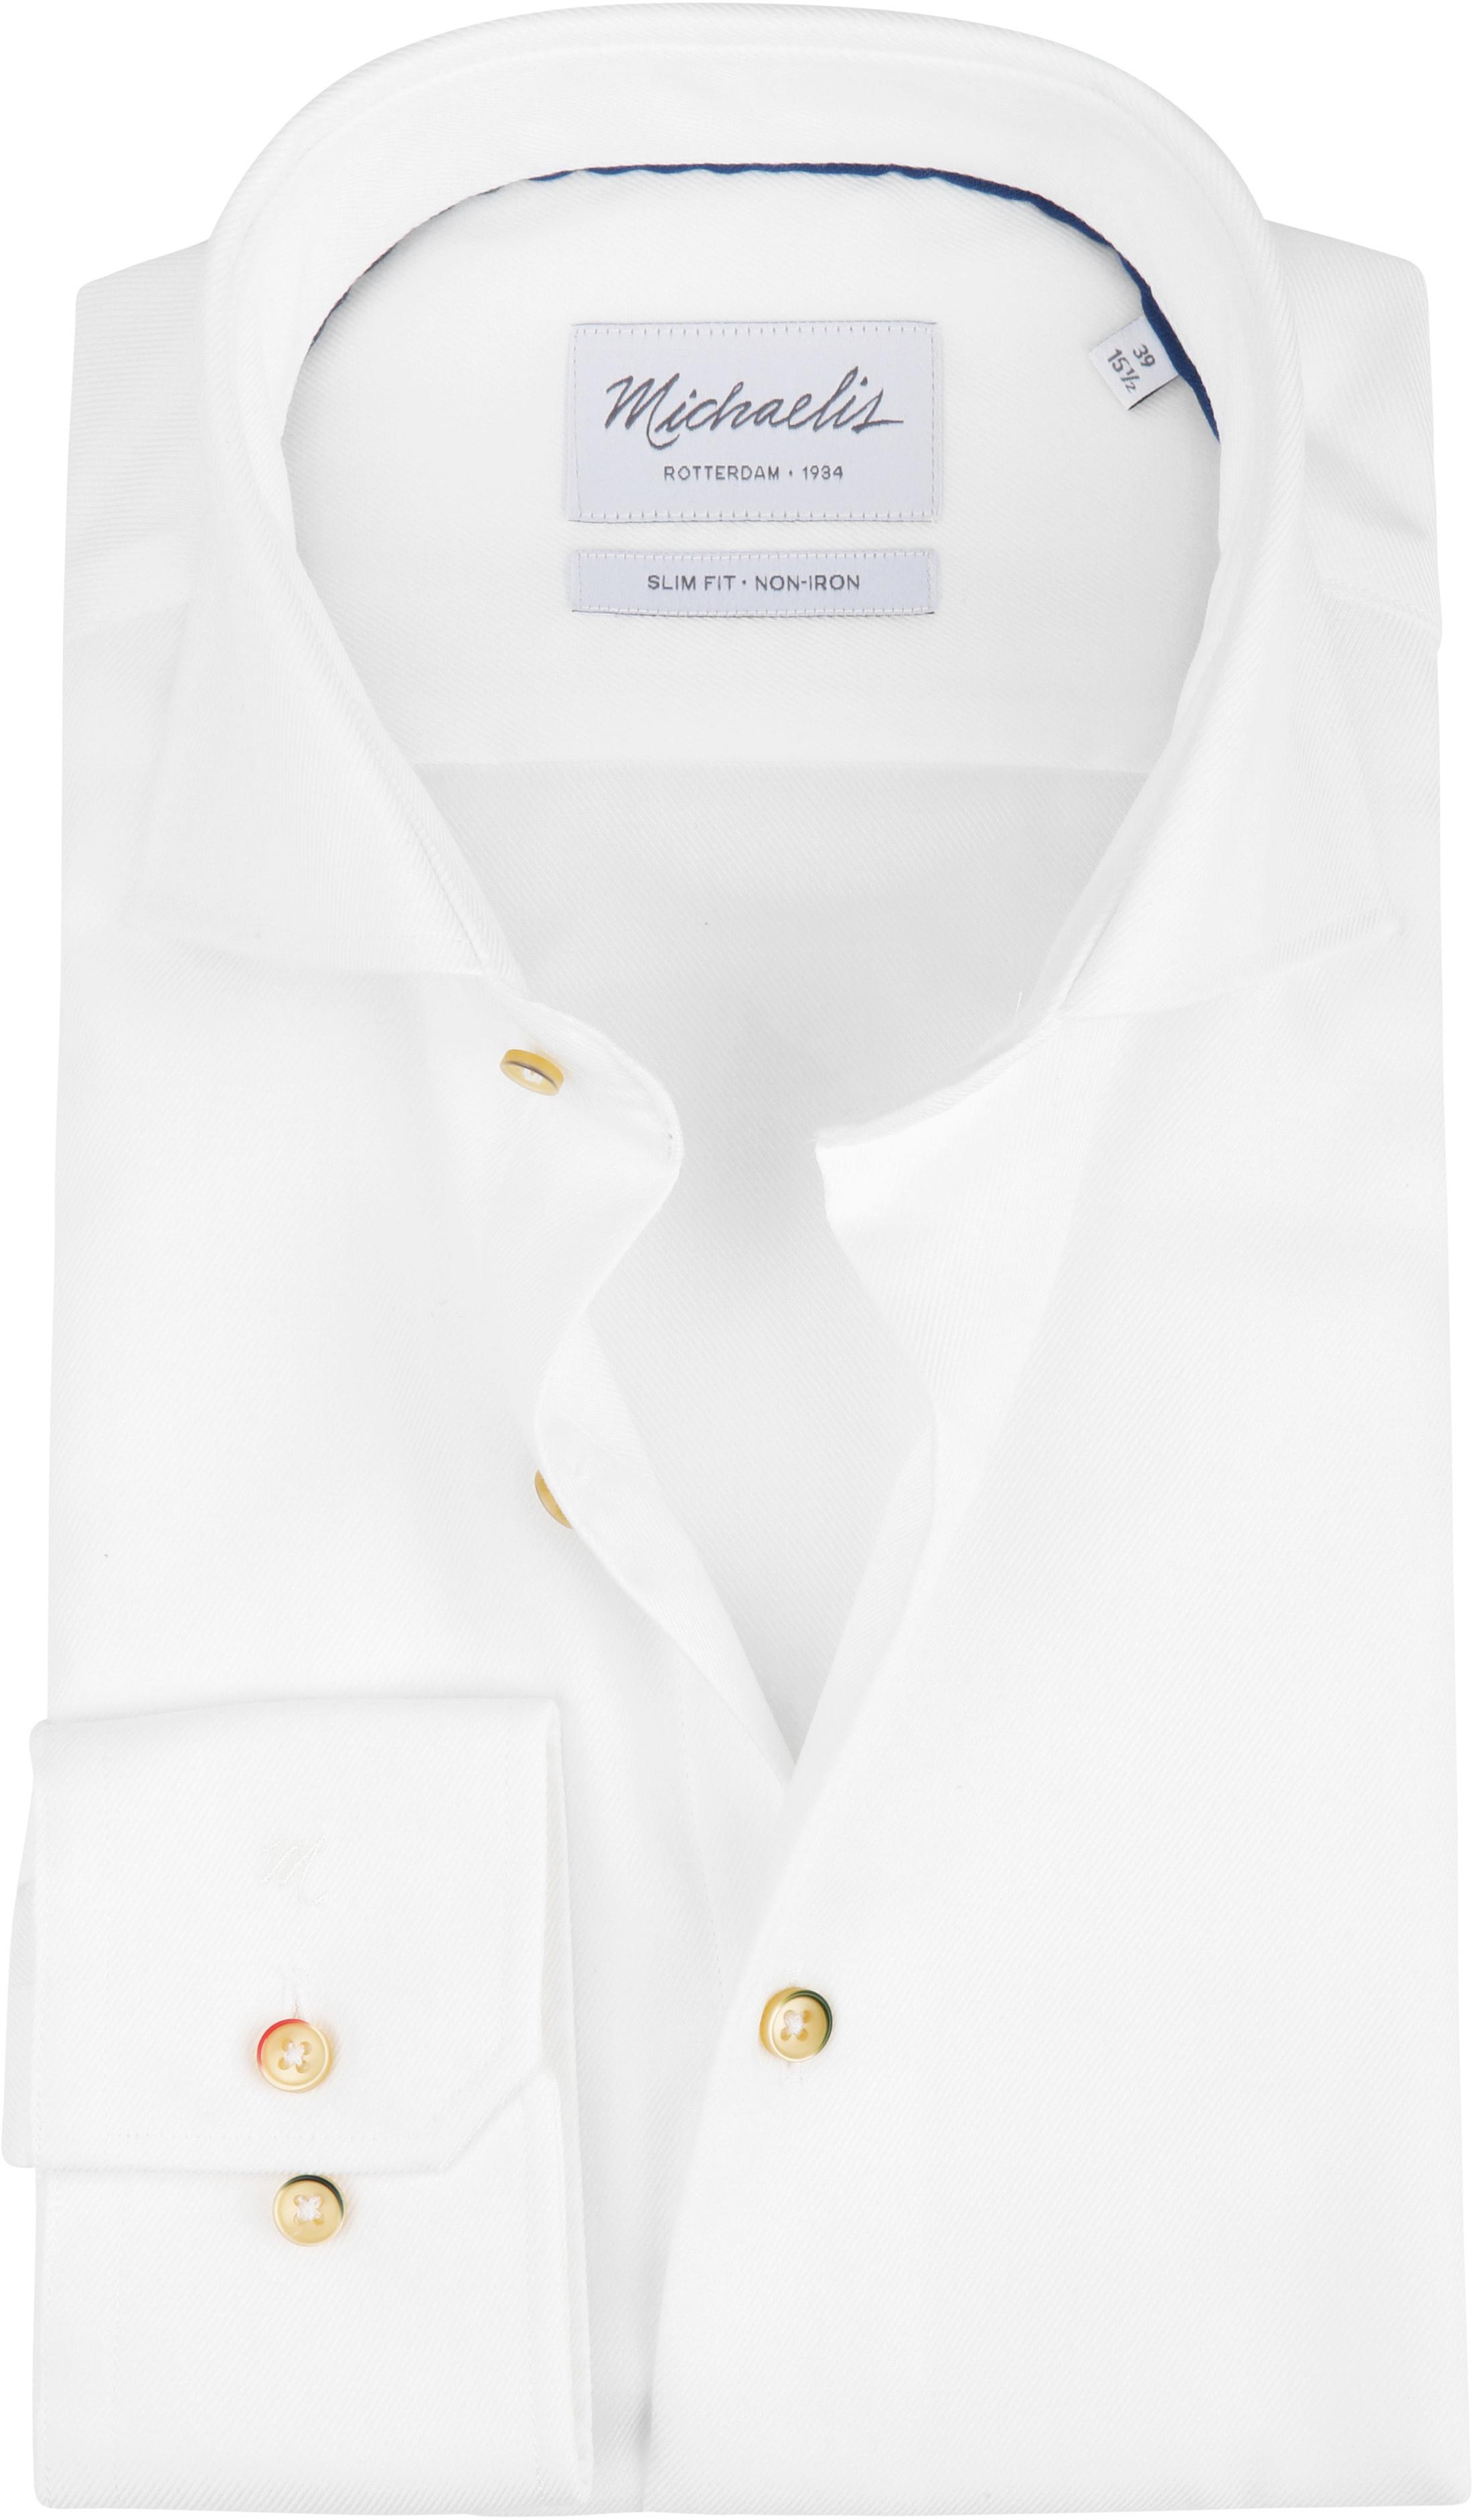 Michaelis Overhemd Strijkvrij Wit foto 0